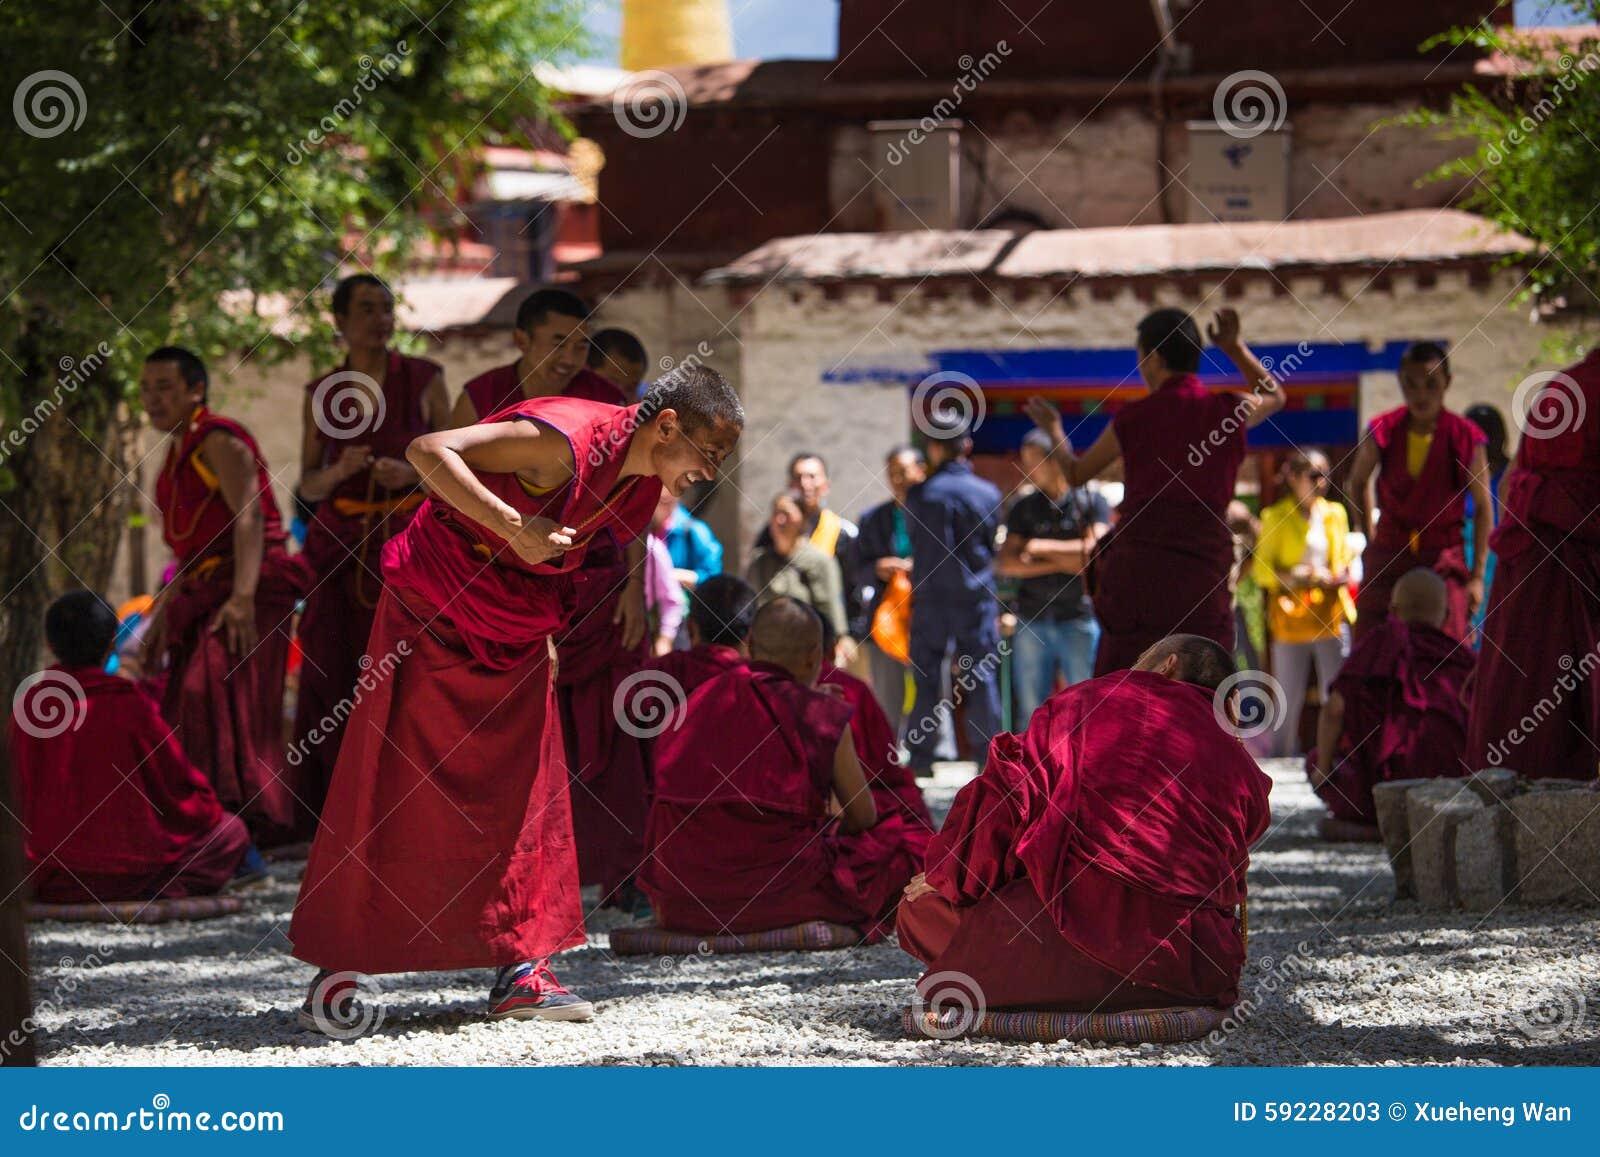 Bunch buddhist personals